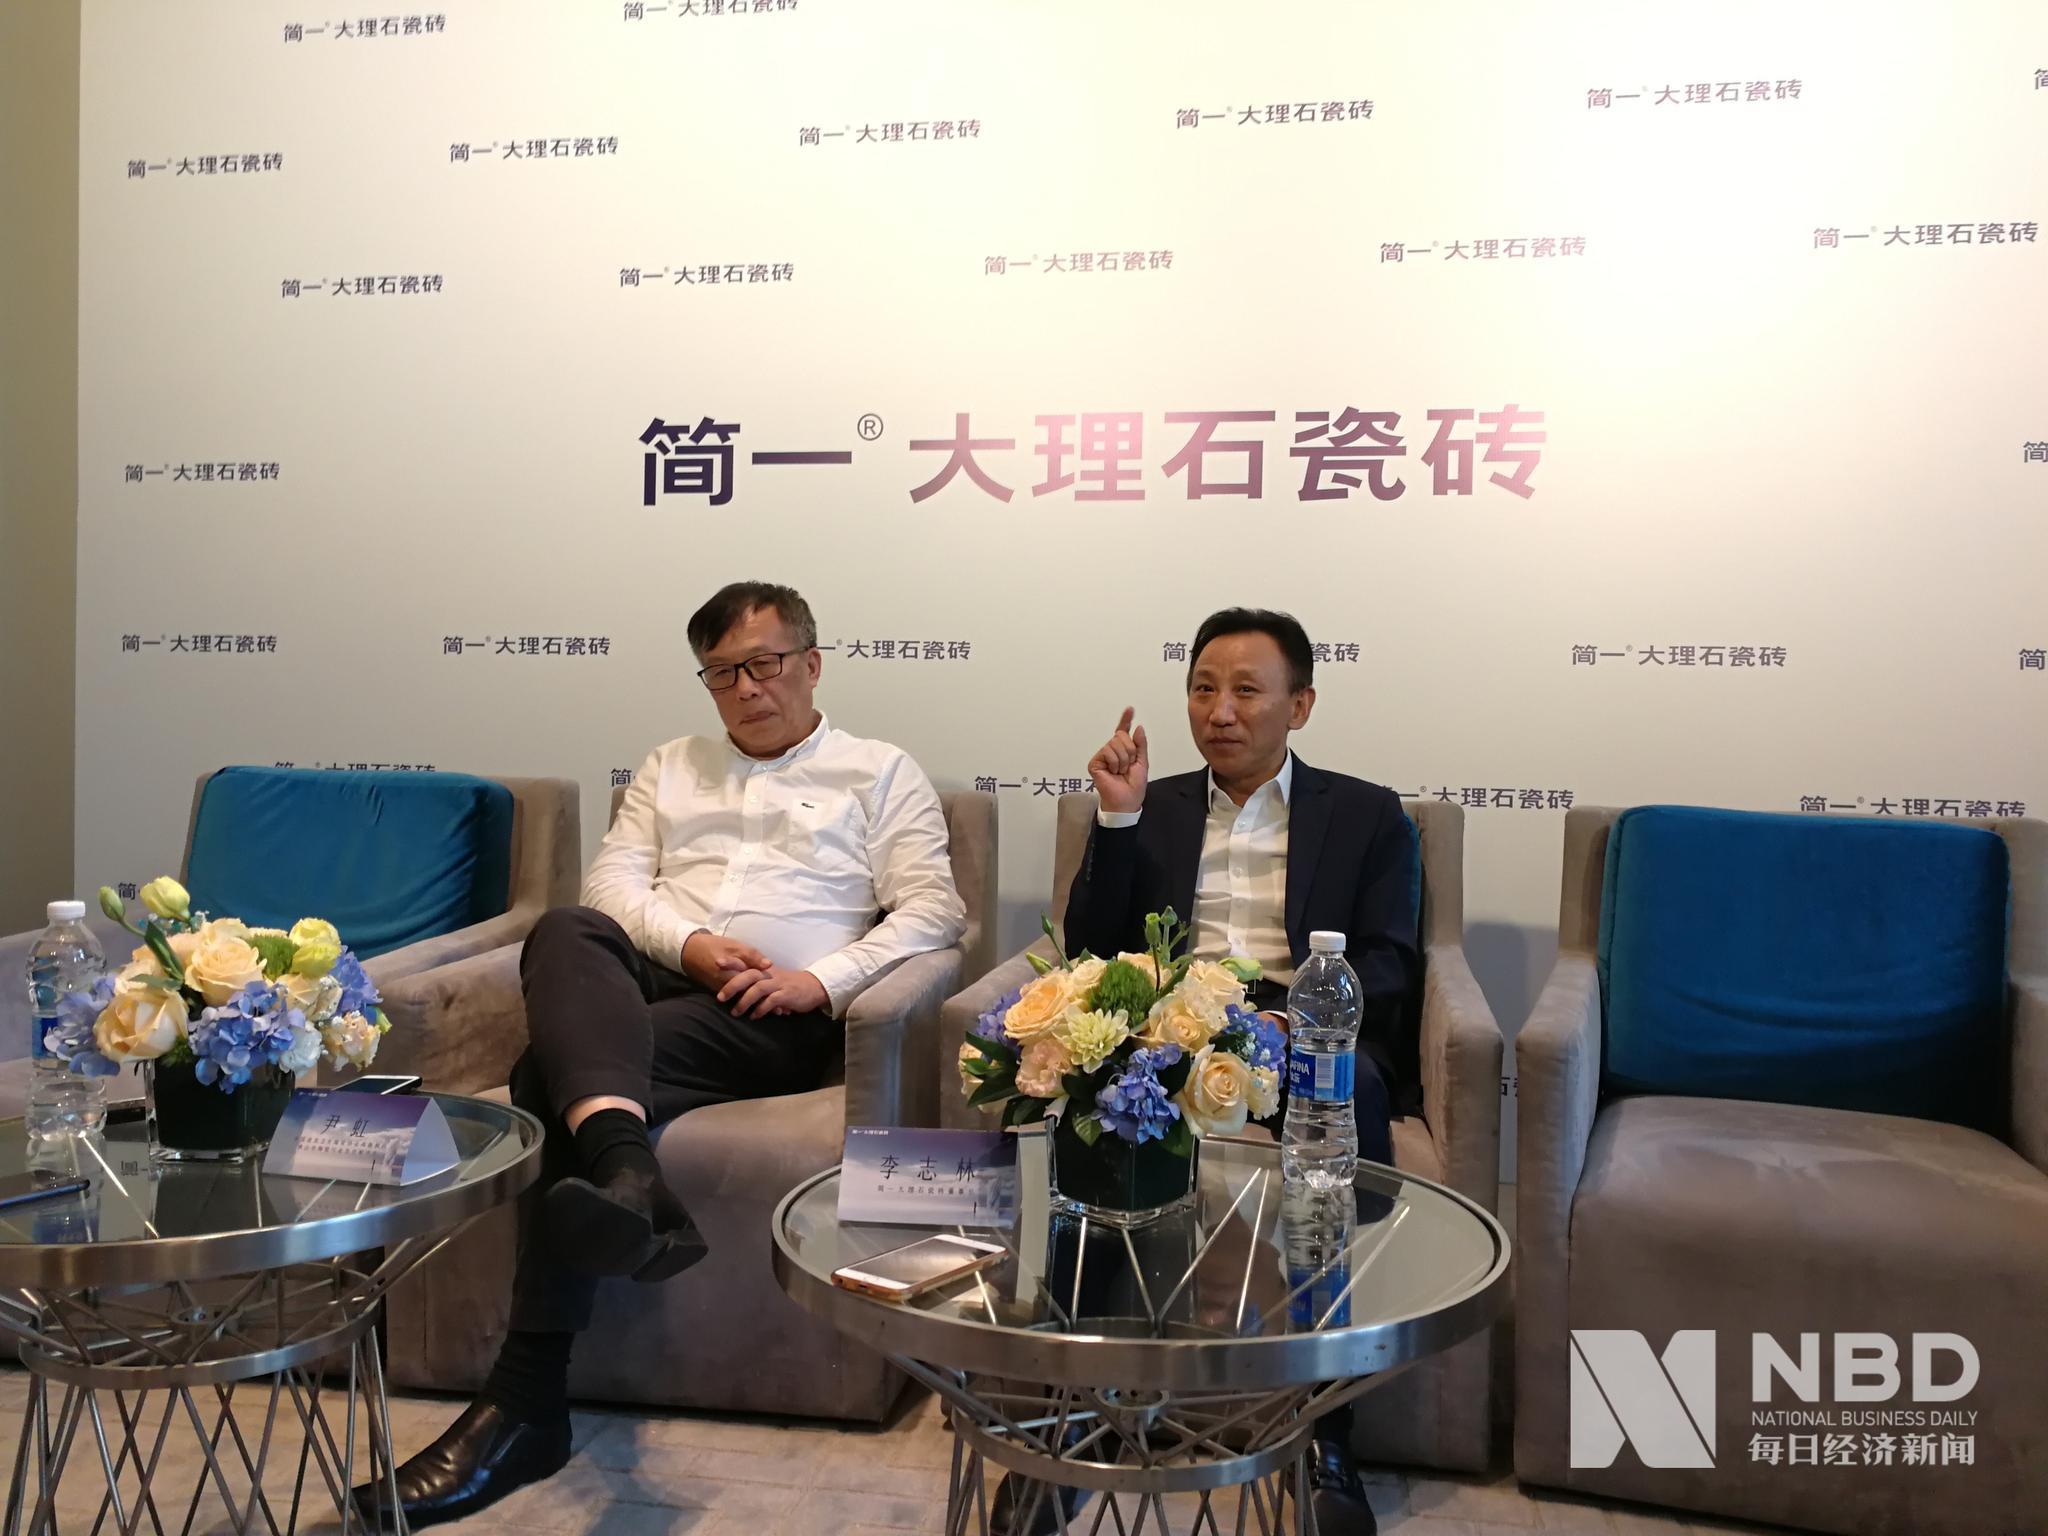 佛山市陶瓷行业协会秘书长尹虹(左一),简一大理石瓷砖董事长李志林(右一)接受媒体采访